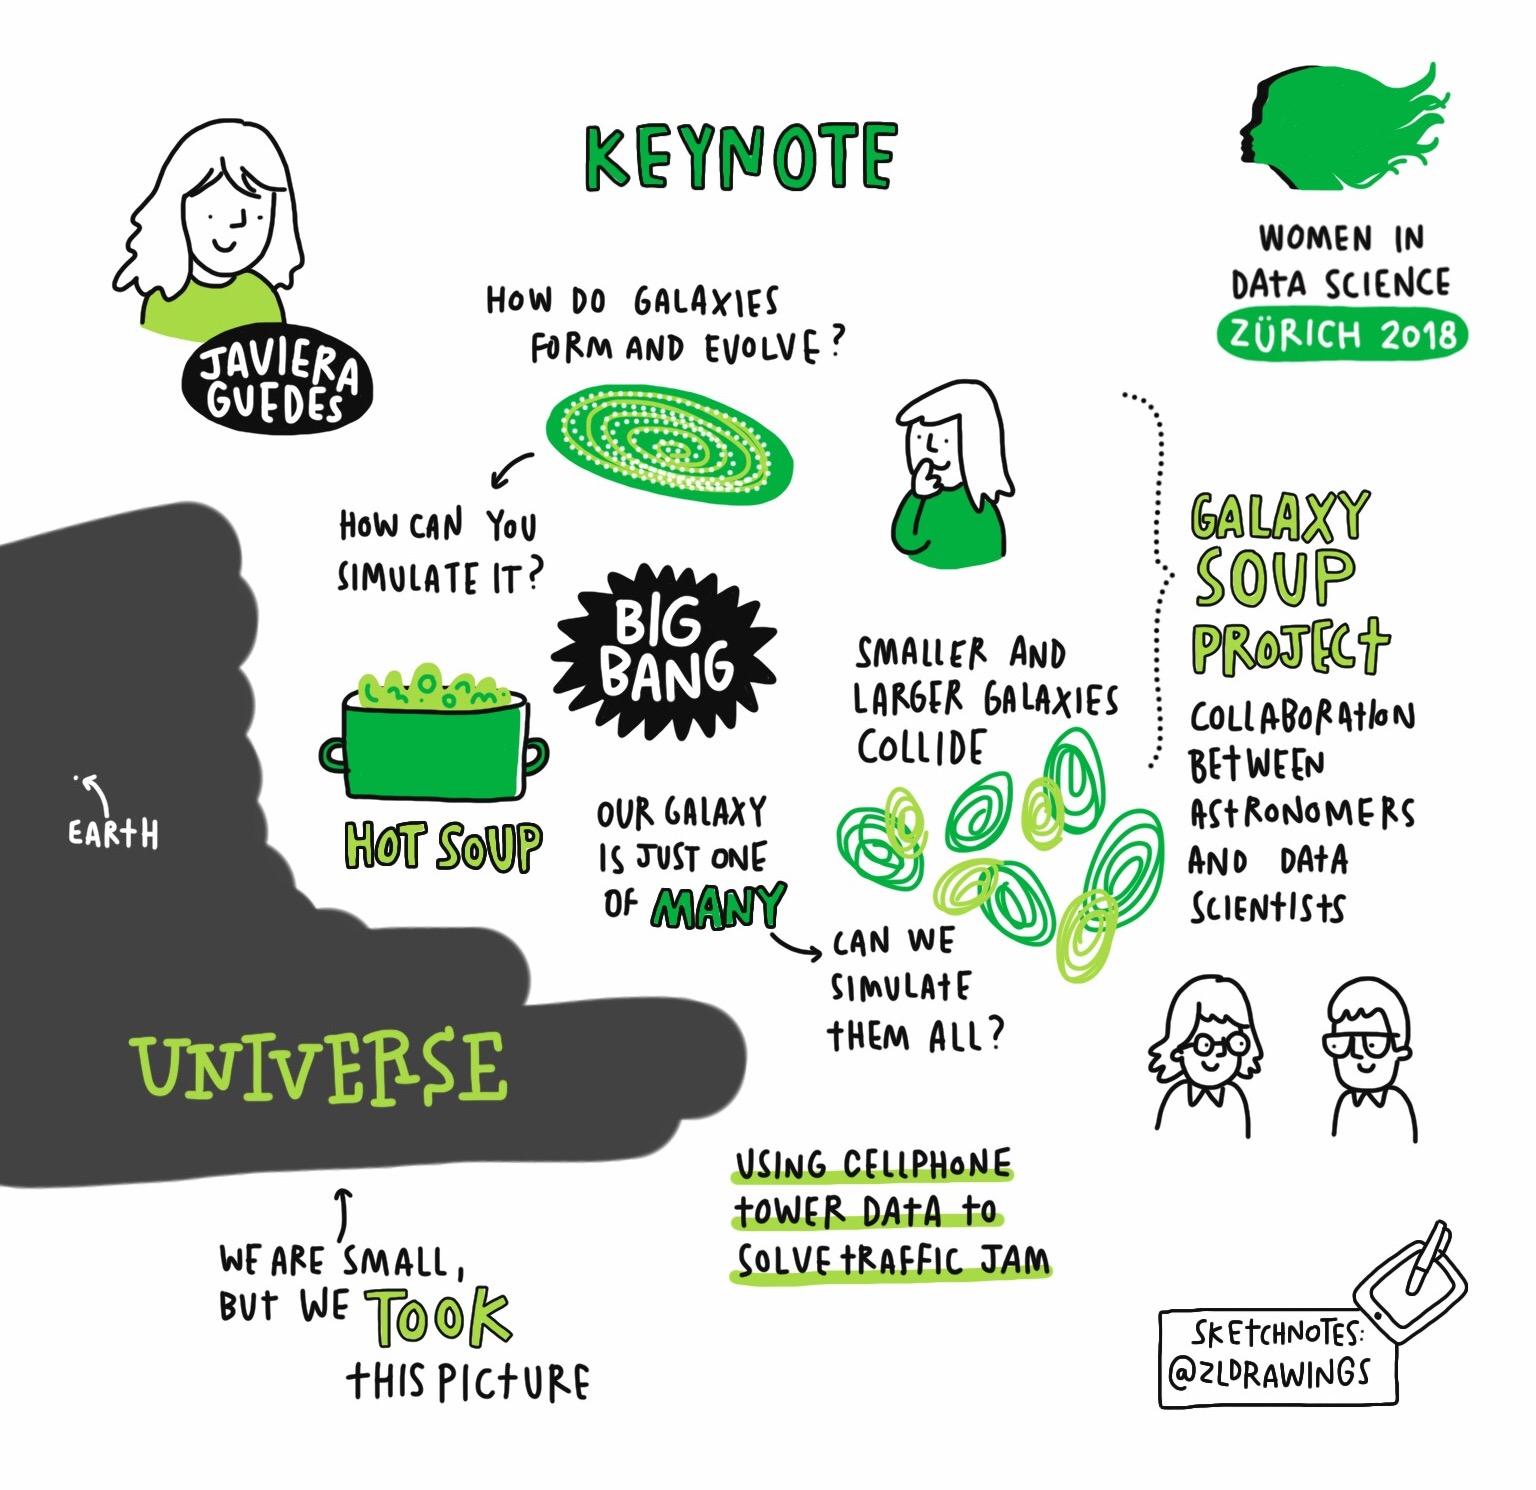 Keynote1_JavieraGuedes.jpg